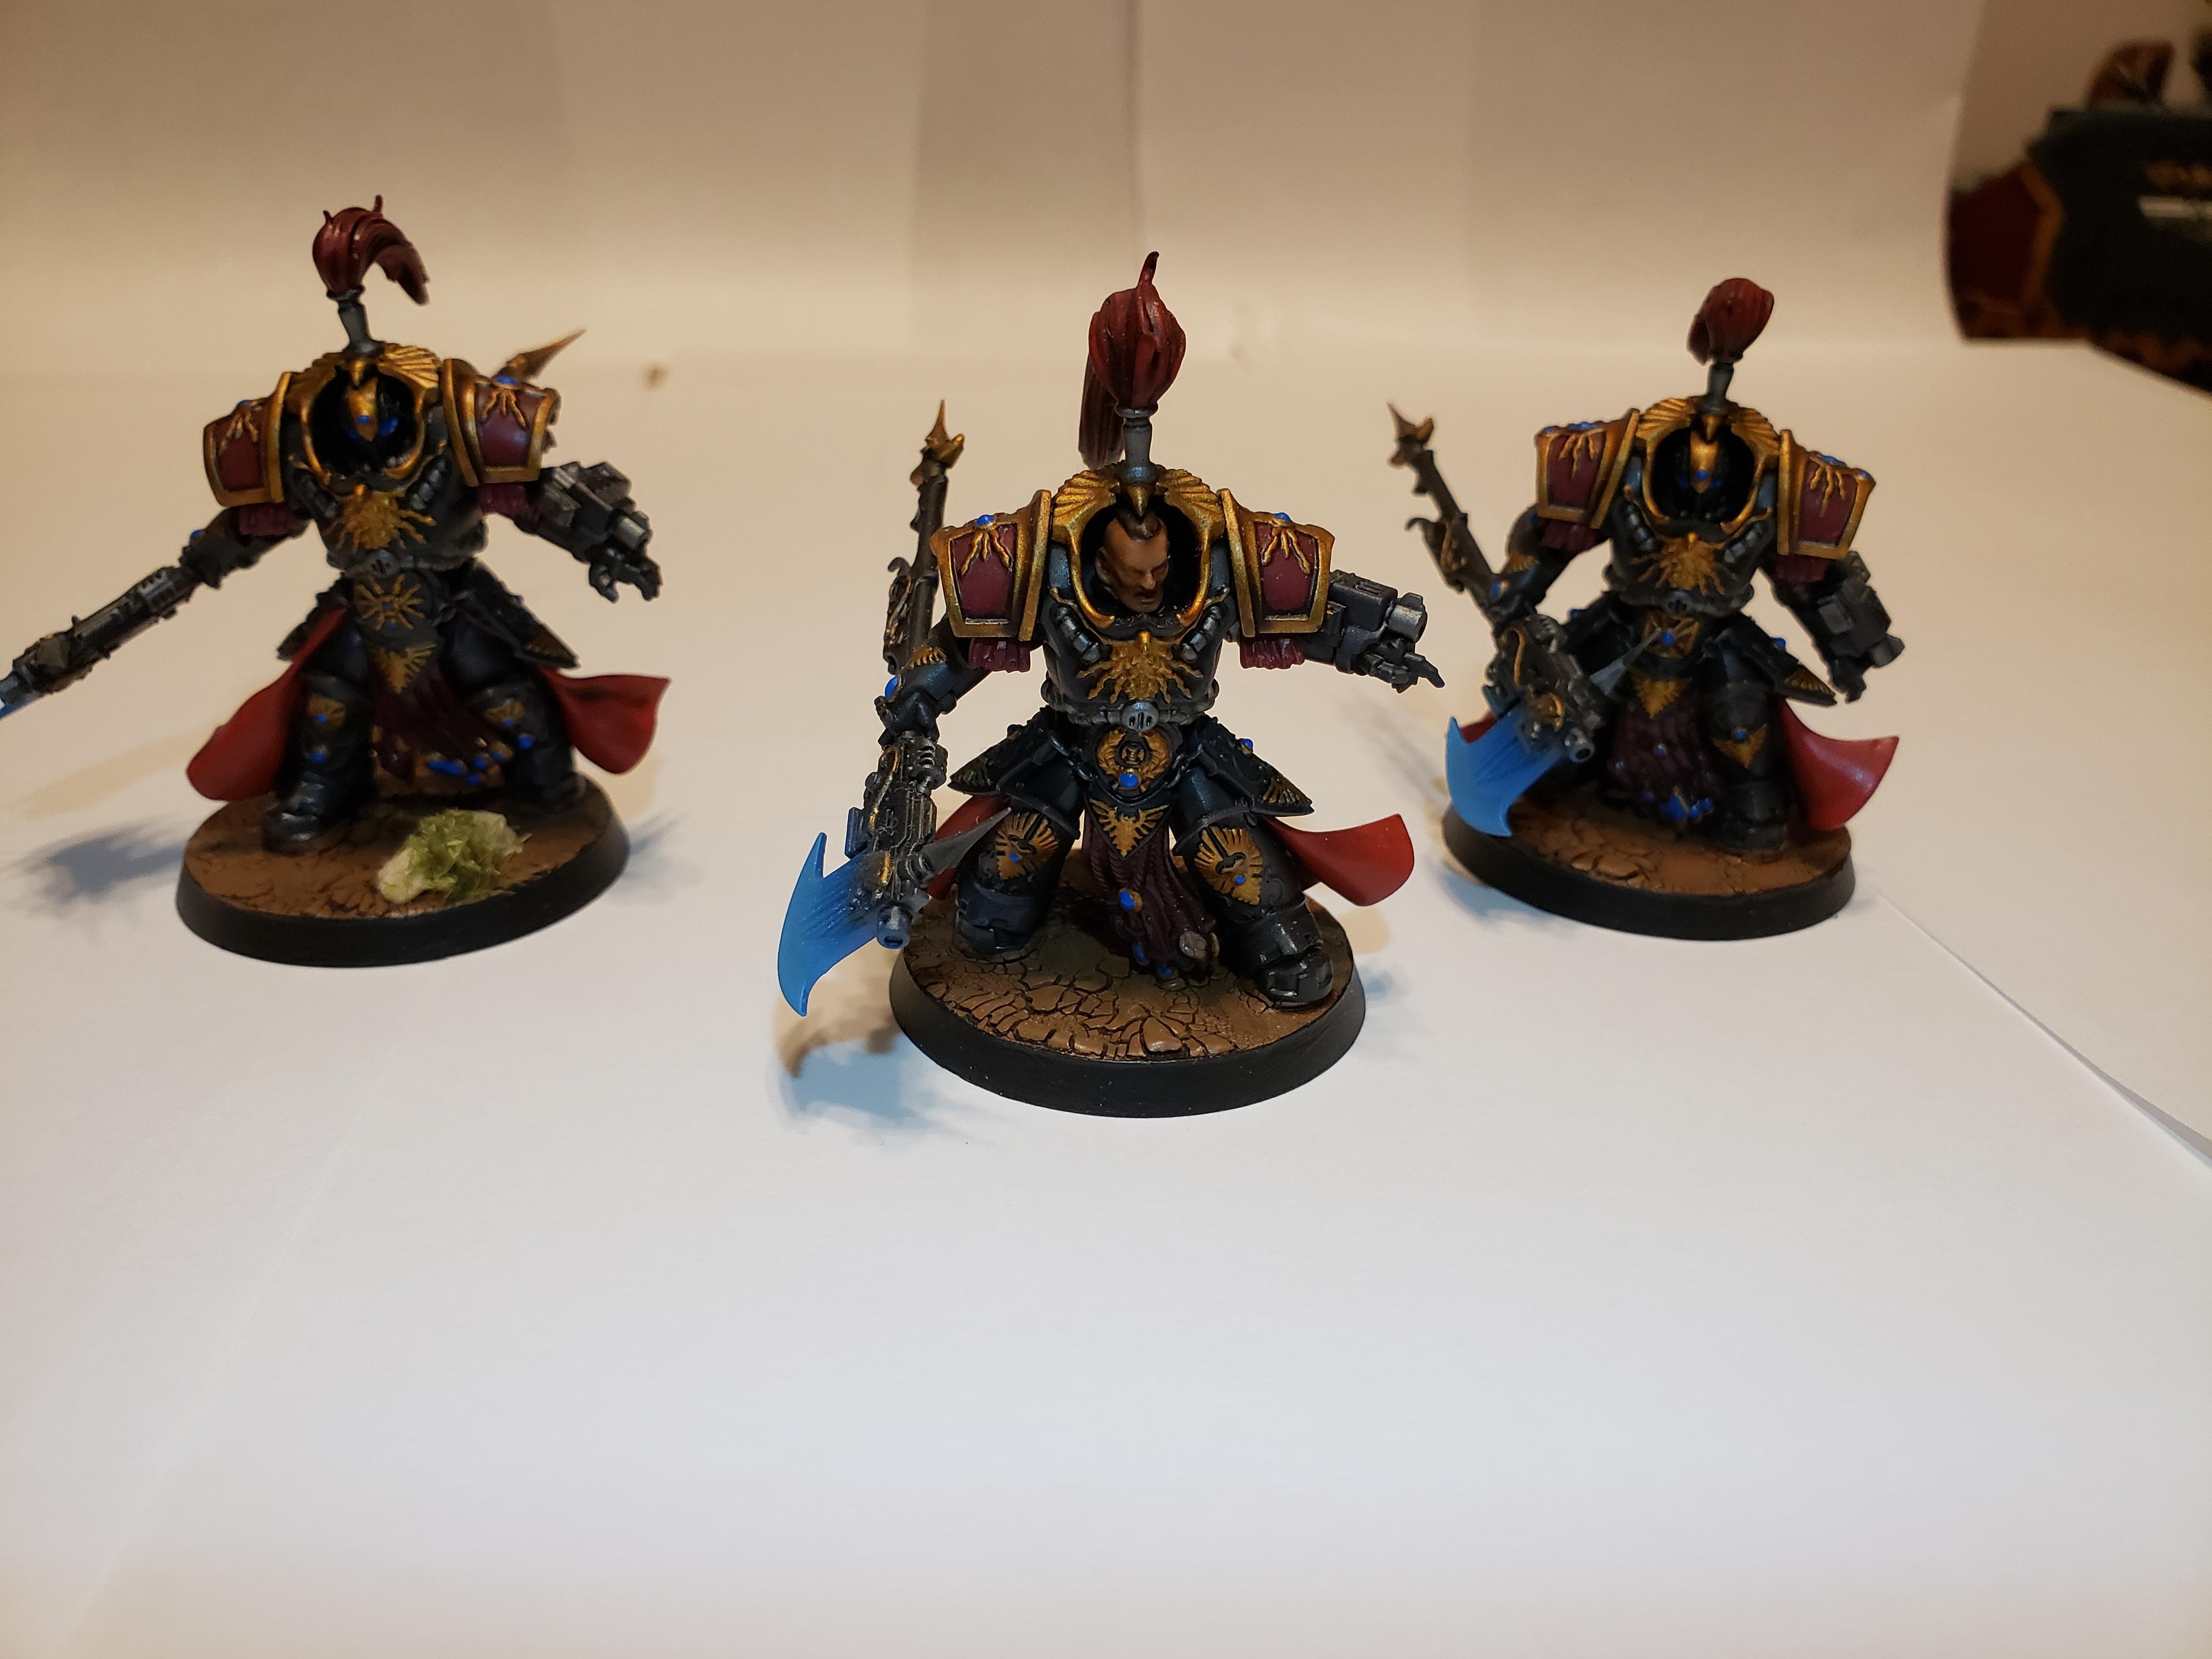 Adeptus Custodes, Allarus Custodians, Balistus Grenade Launcher, Castellan Axe, Shadowkeepers